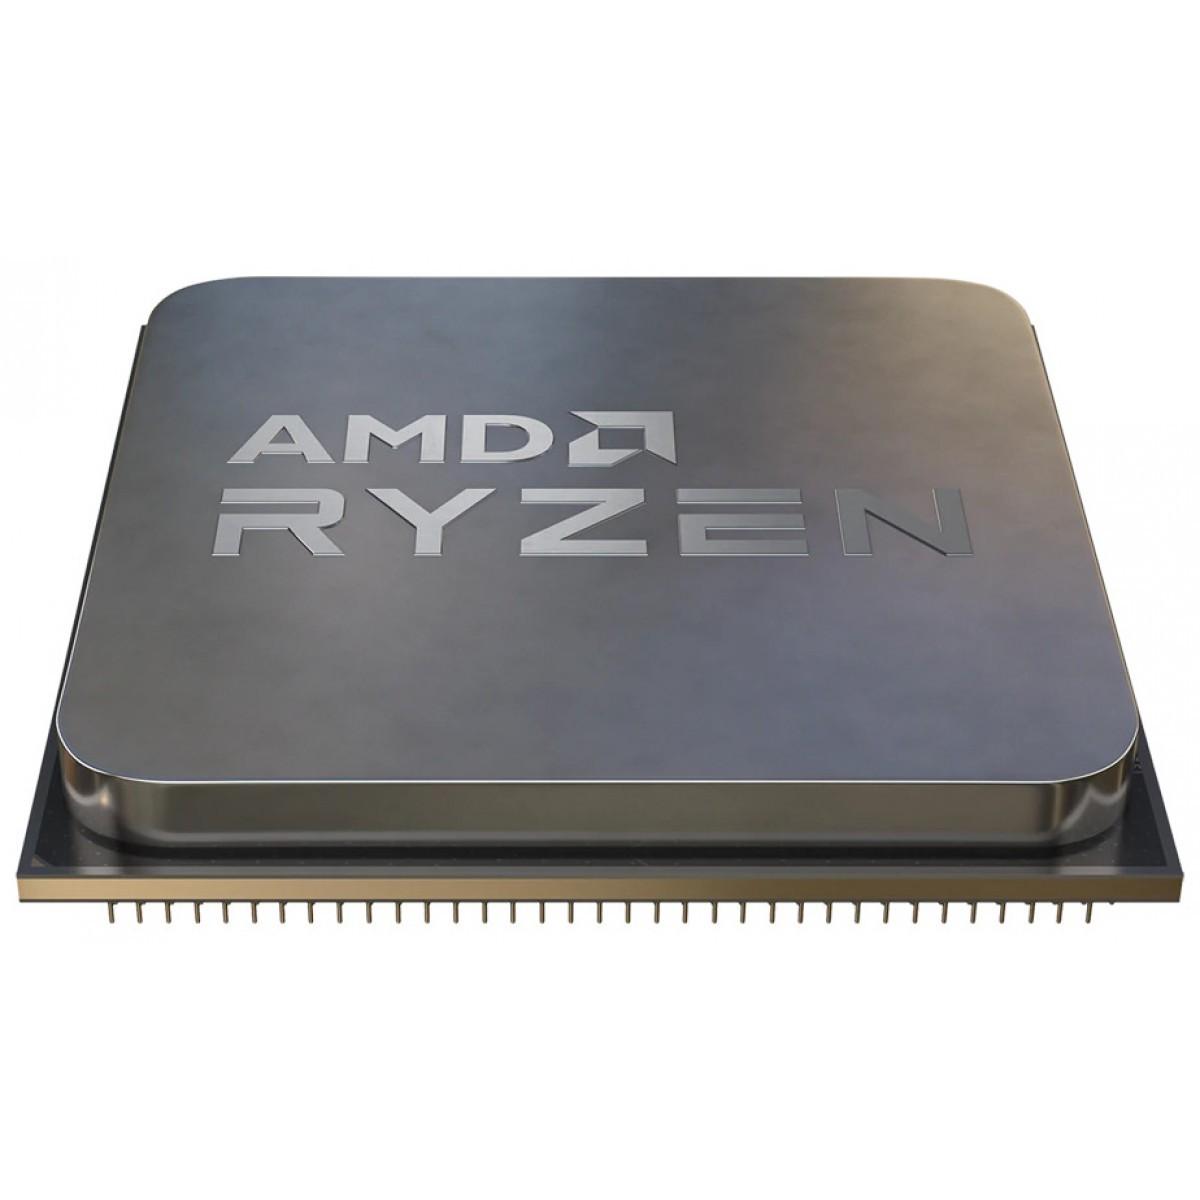 Processador AMD Ryzen 7 5700g 3.8GHz (4.6GHz Turbo) 8 Núcleos 16 Threads AM4 com vídeo integrado